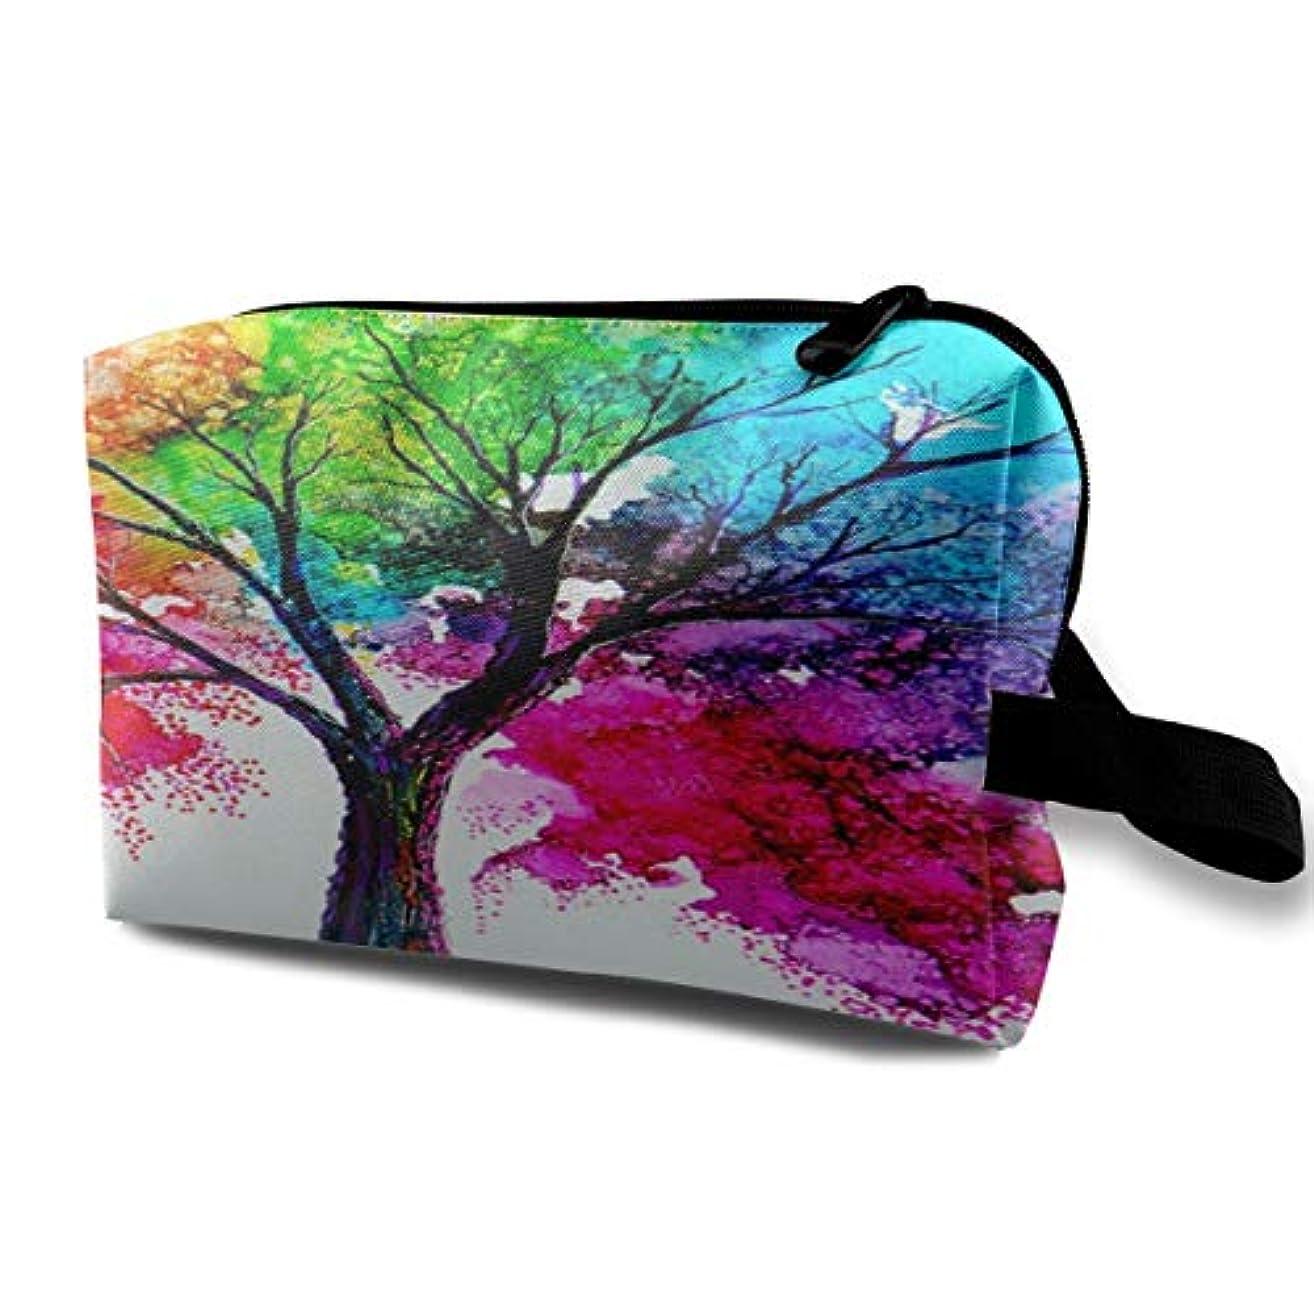 つらい通行人細分化するWatercolor Autumn Tree Art 収納ポーチ 化粧ポーチ 大容量 軽量 耐久性 ハンドル付持ち運び便利。入れ 自宅?出張?旅行?アウトドア撮影などに対応。メンズ レディース トラベルグッズ